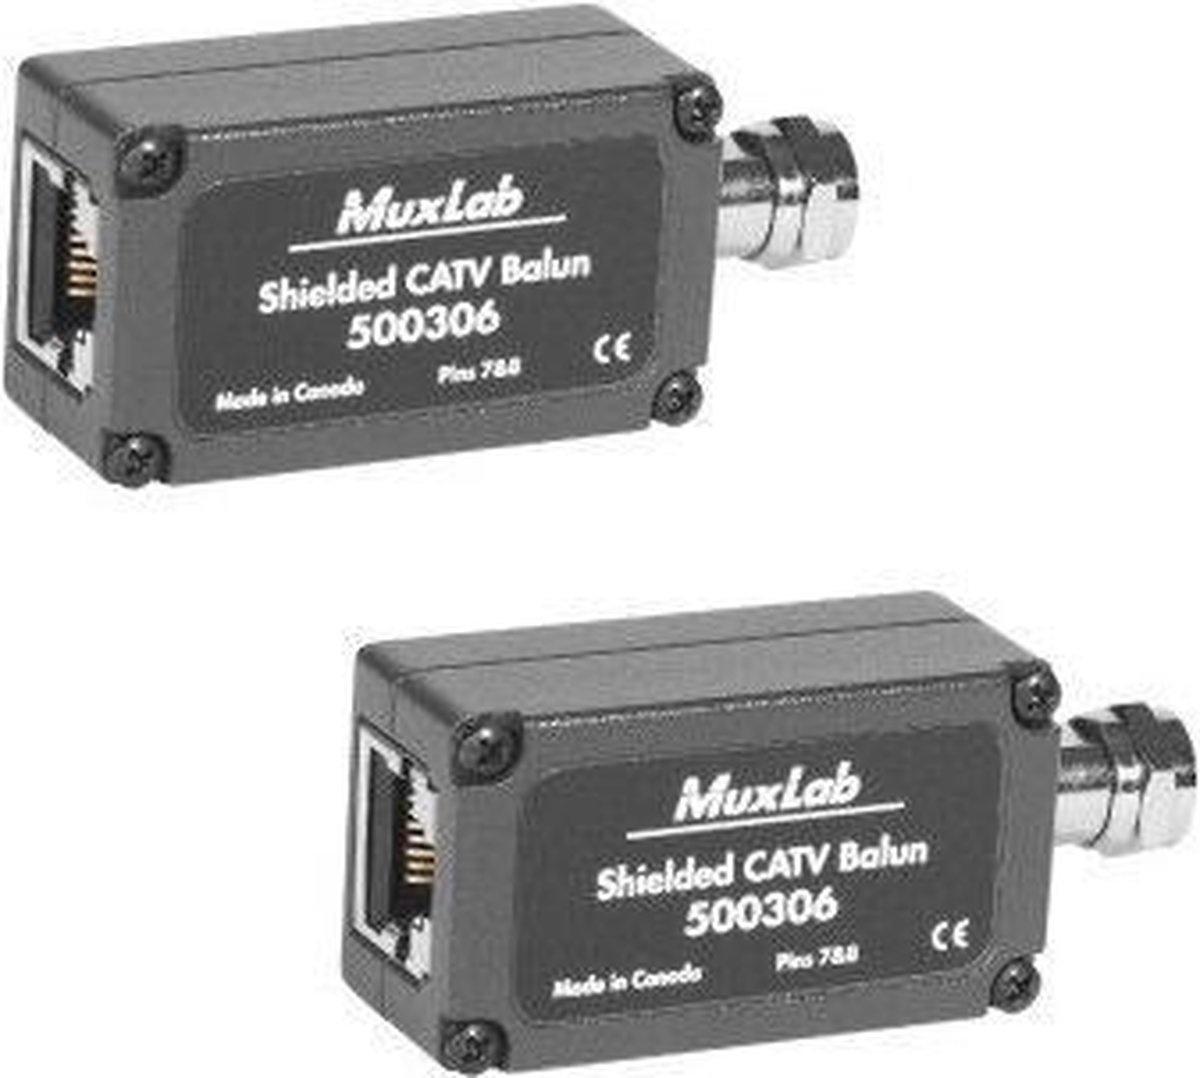 Q&A MuxLab 500306